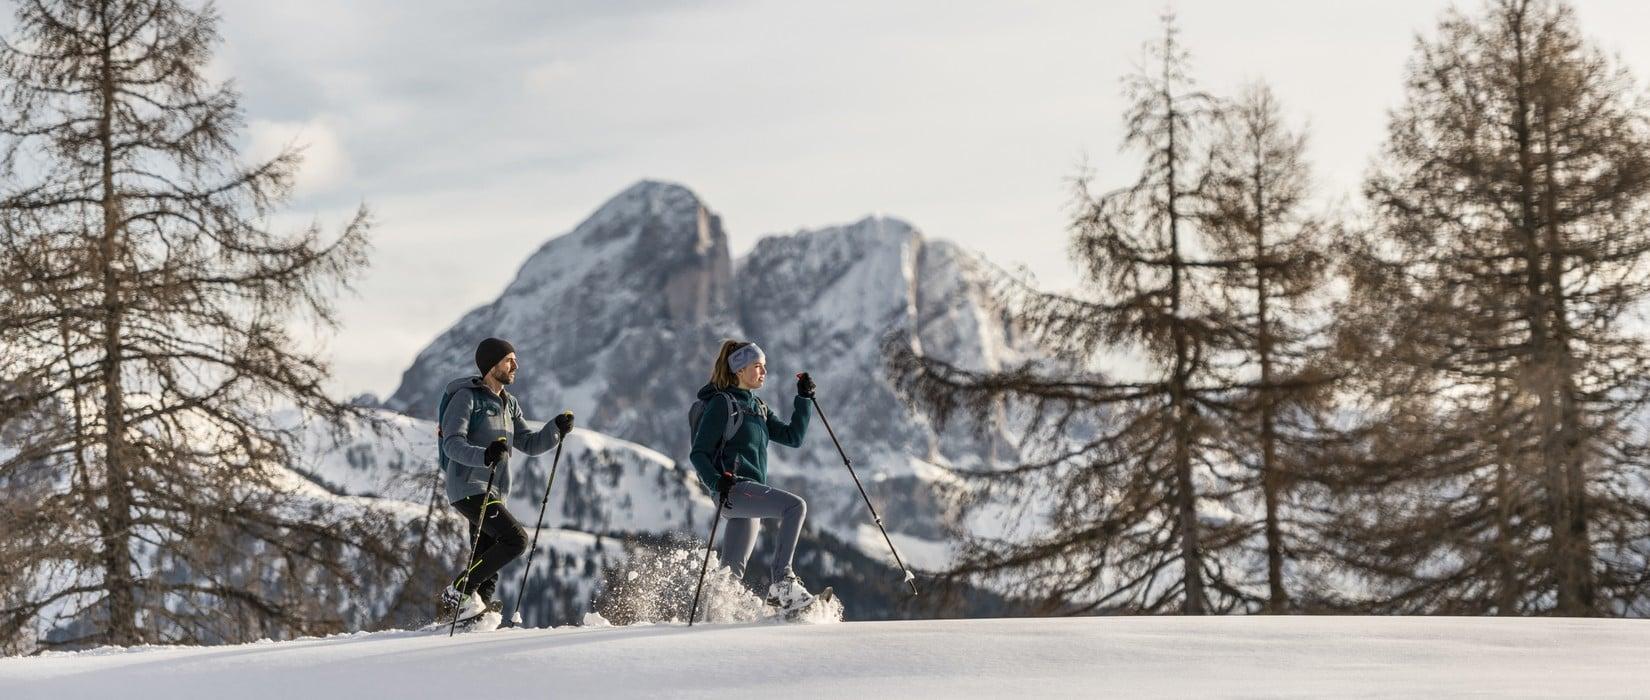 Winterzauber in Südtirol: Erlebe die verschneite Bergwelt!